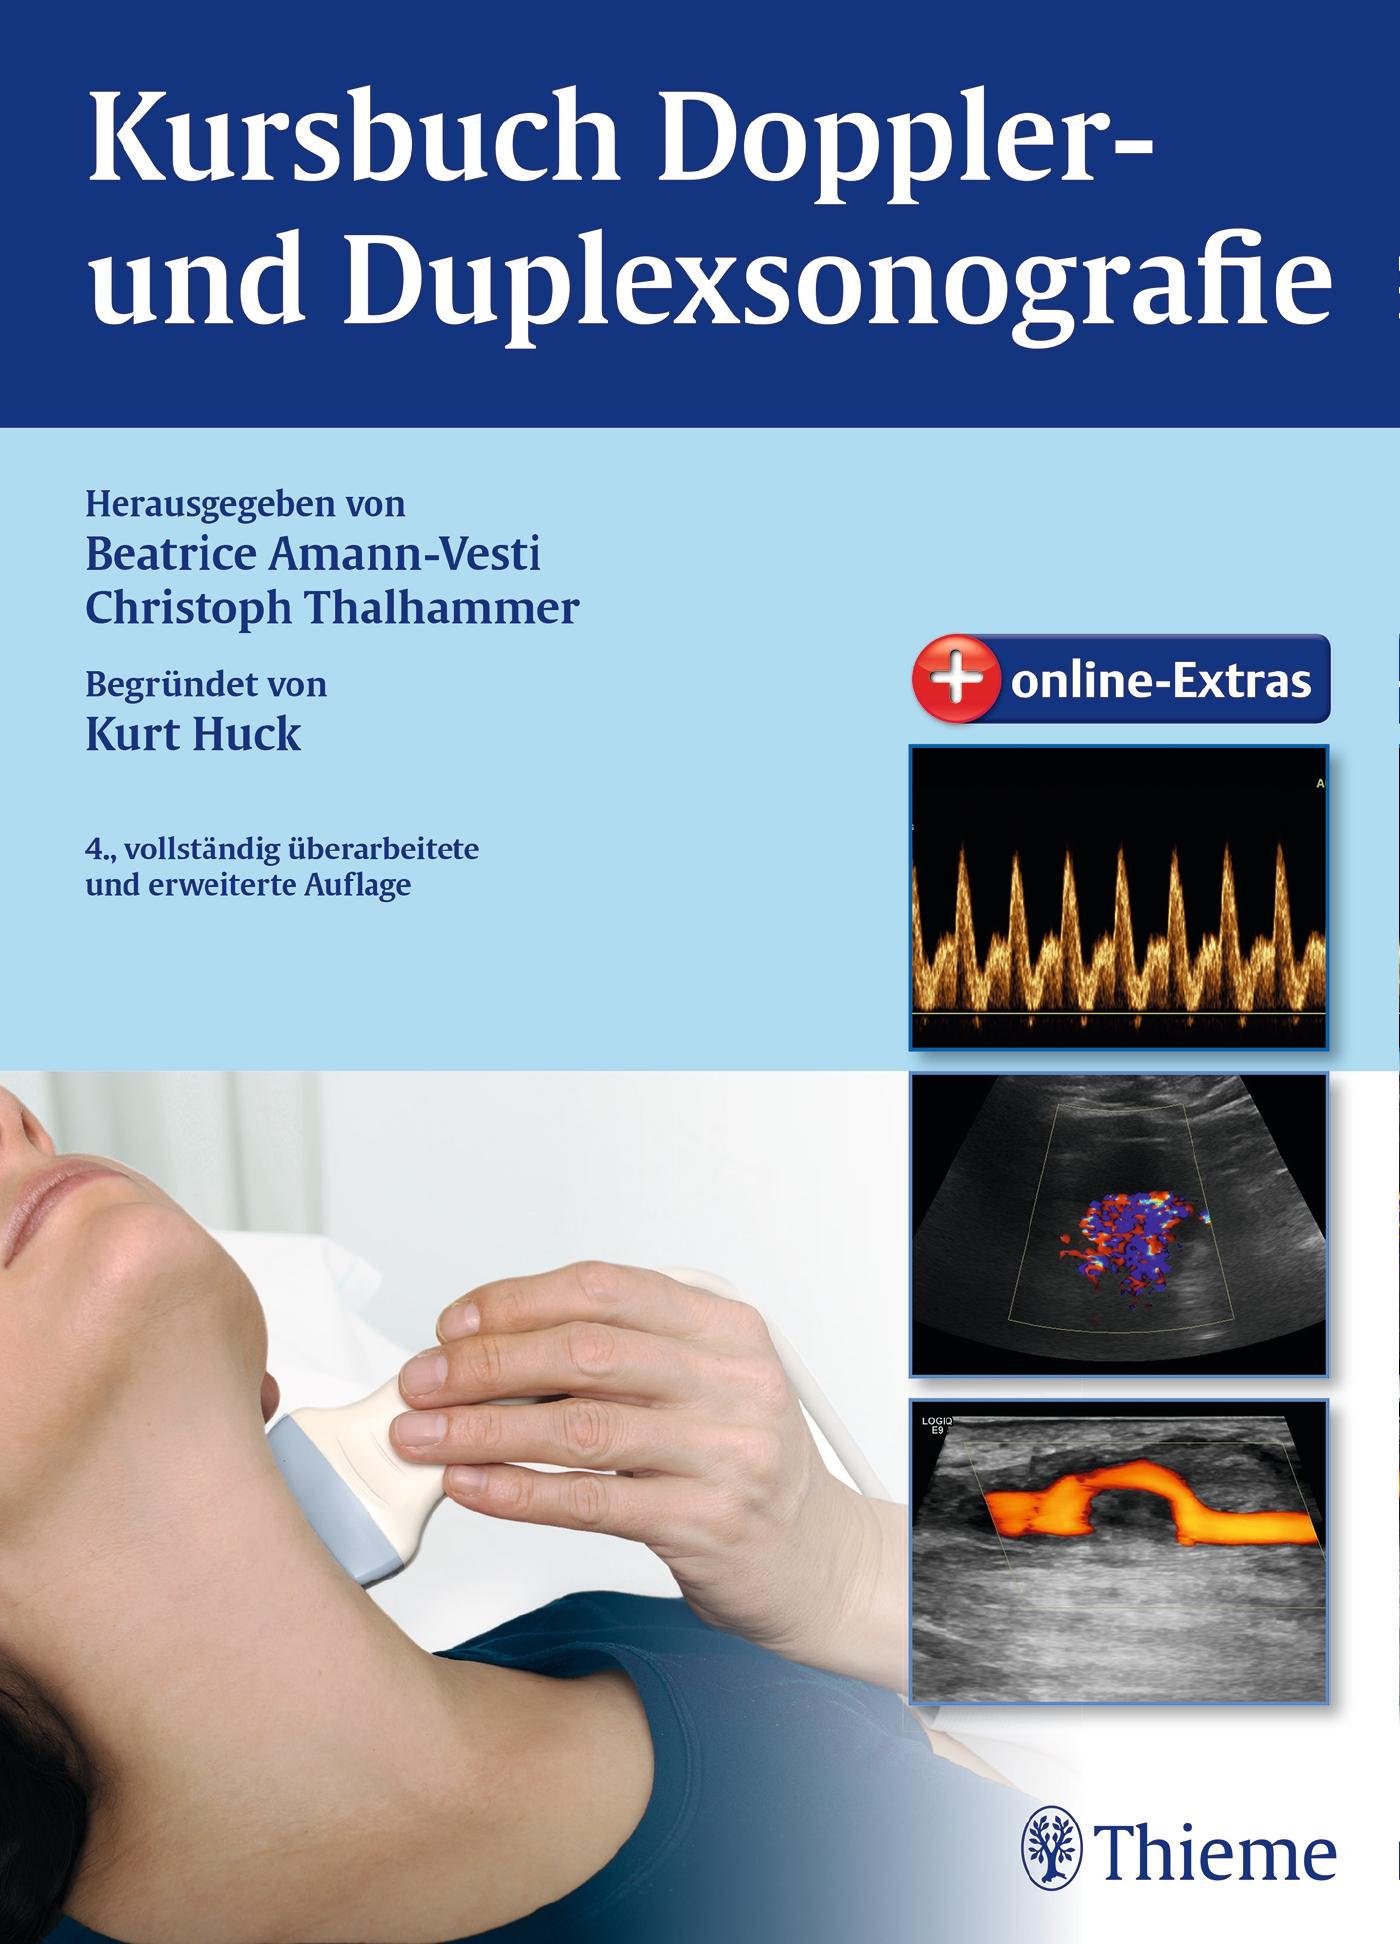 Kursbuch Doppler- und Duplexsonografie: begründet von Kurt Huck - Beatrice Amann-Vesti [4. Auflage 2015]